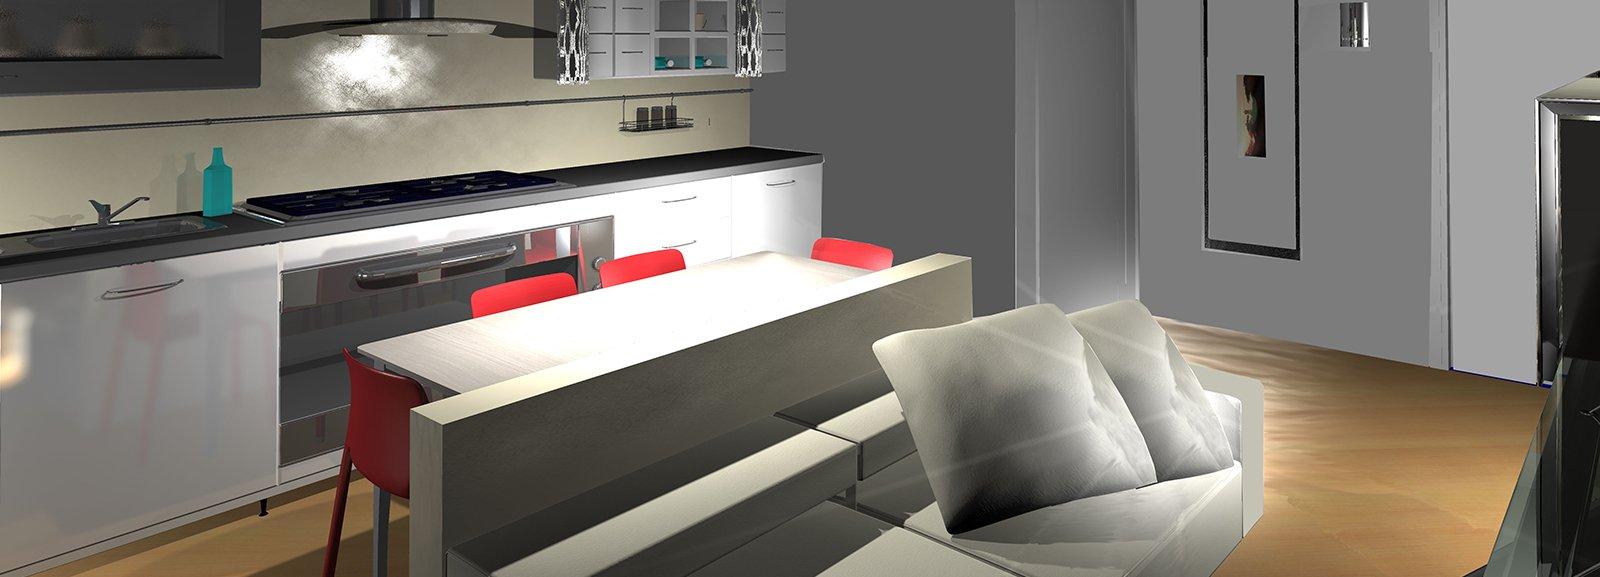 Dall 39 ingresso un living con cucina pianta e prospetti in for Piccoli piani di casa aperta